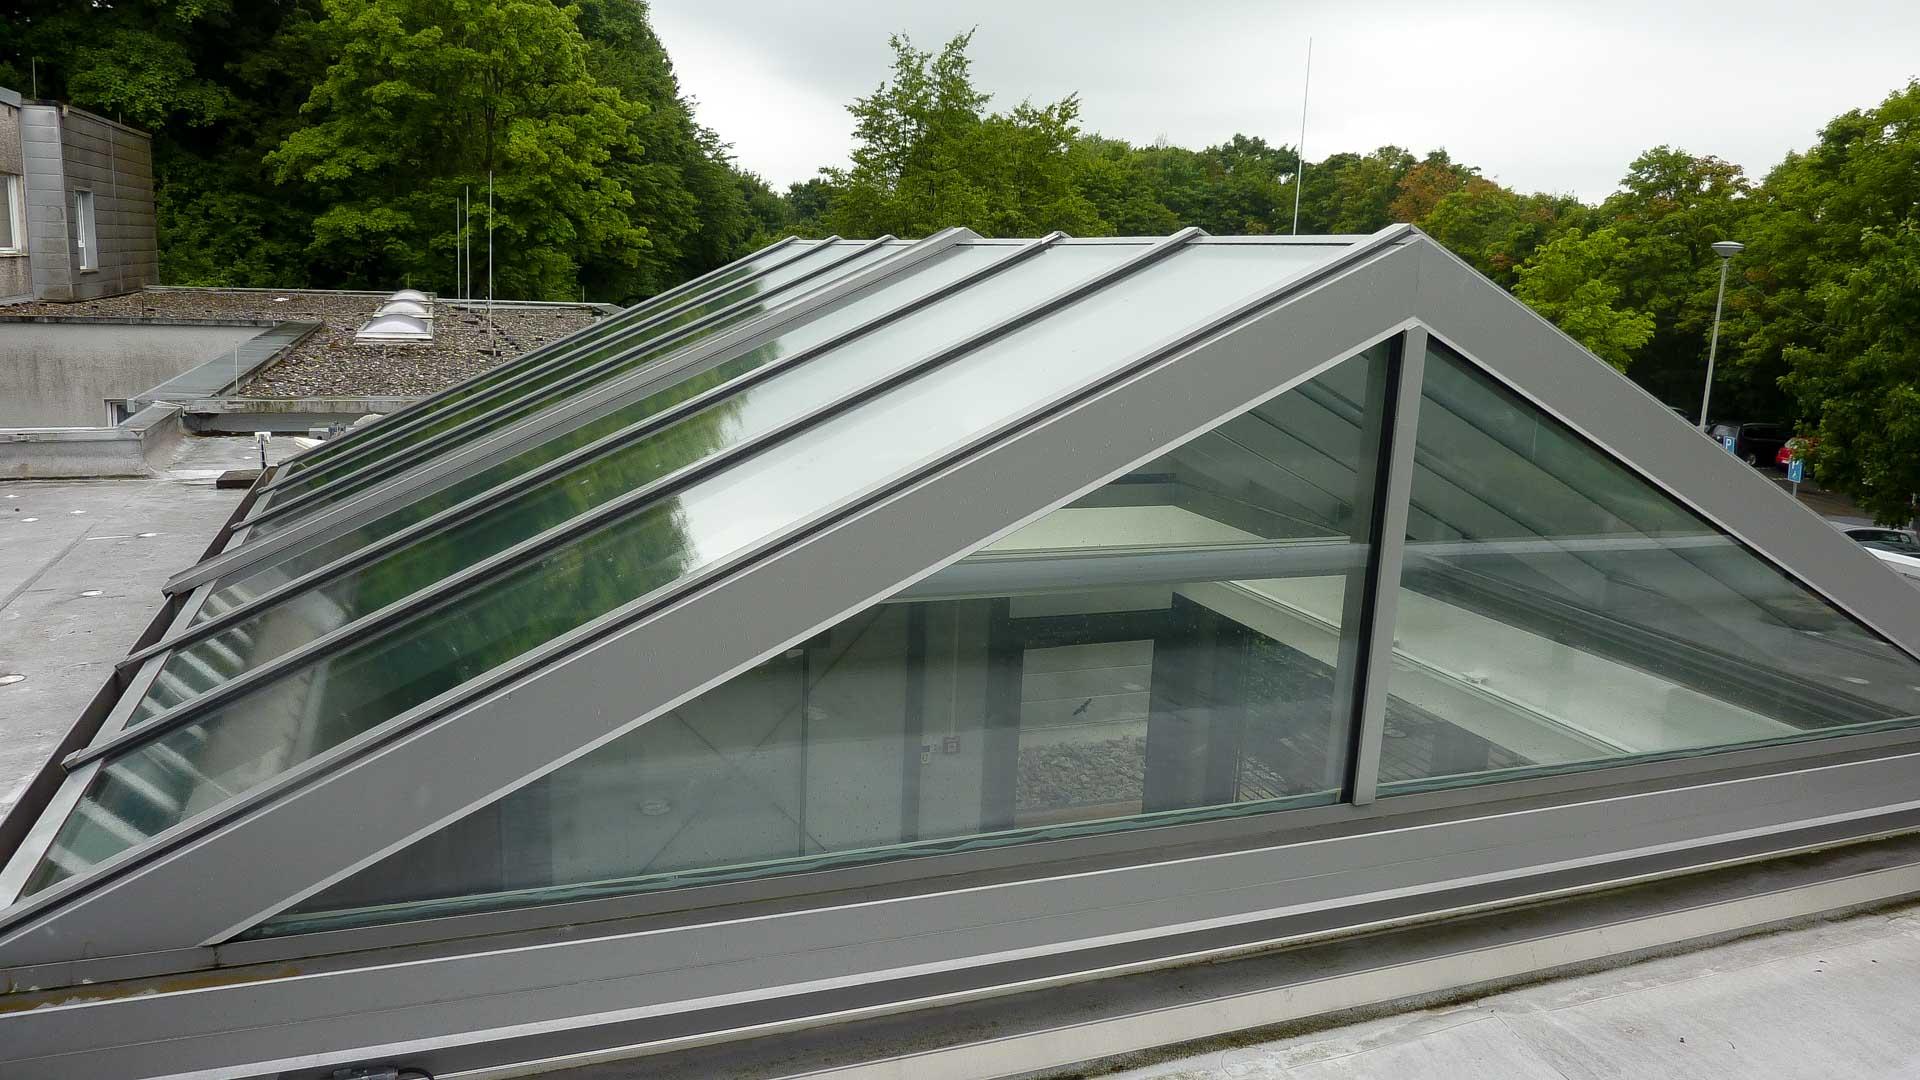 Cabrio Glasschiebedach am Kreiskrankenhaus in Waldbröhl. Cabrio Glasschiebedach am Kreiskrankenhaus in Waldbröhl hat eine Größe von 530 x 530 x 145 cm (BxTxH) und wurde als Stulpanlage realisiert